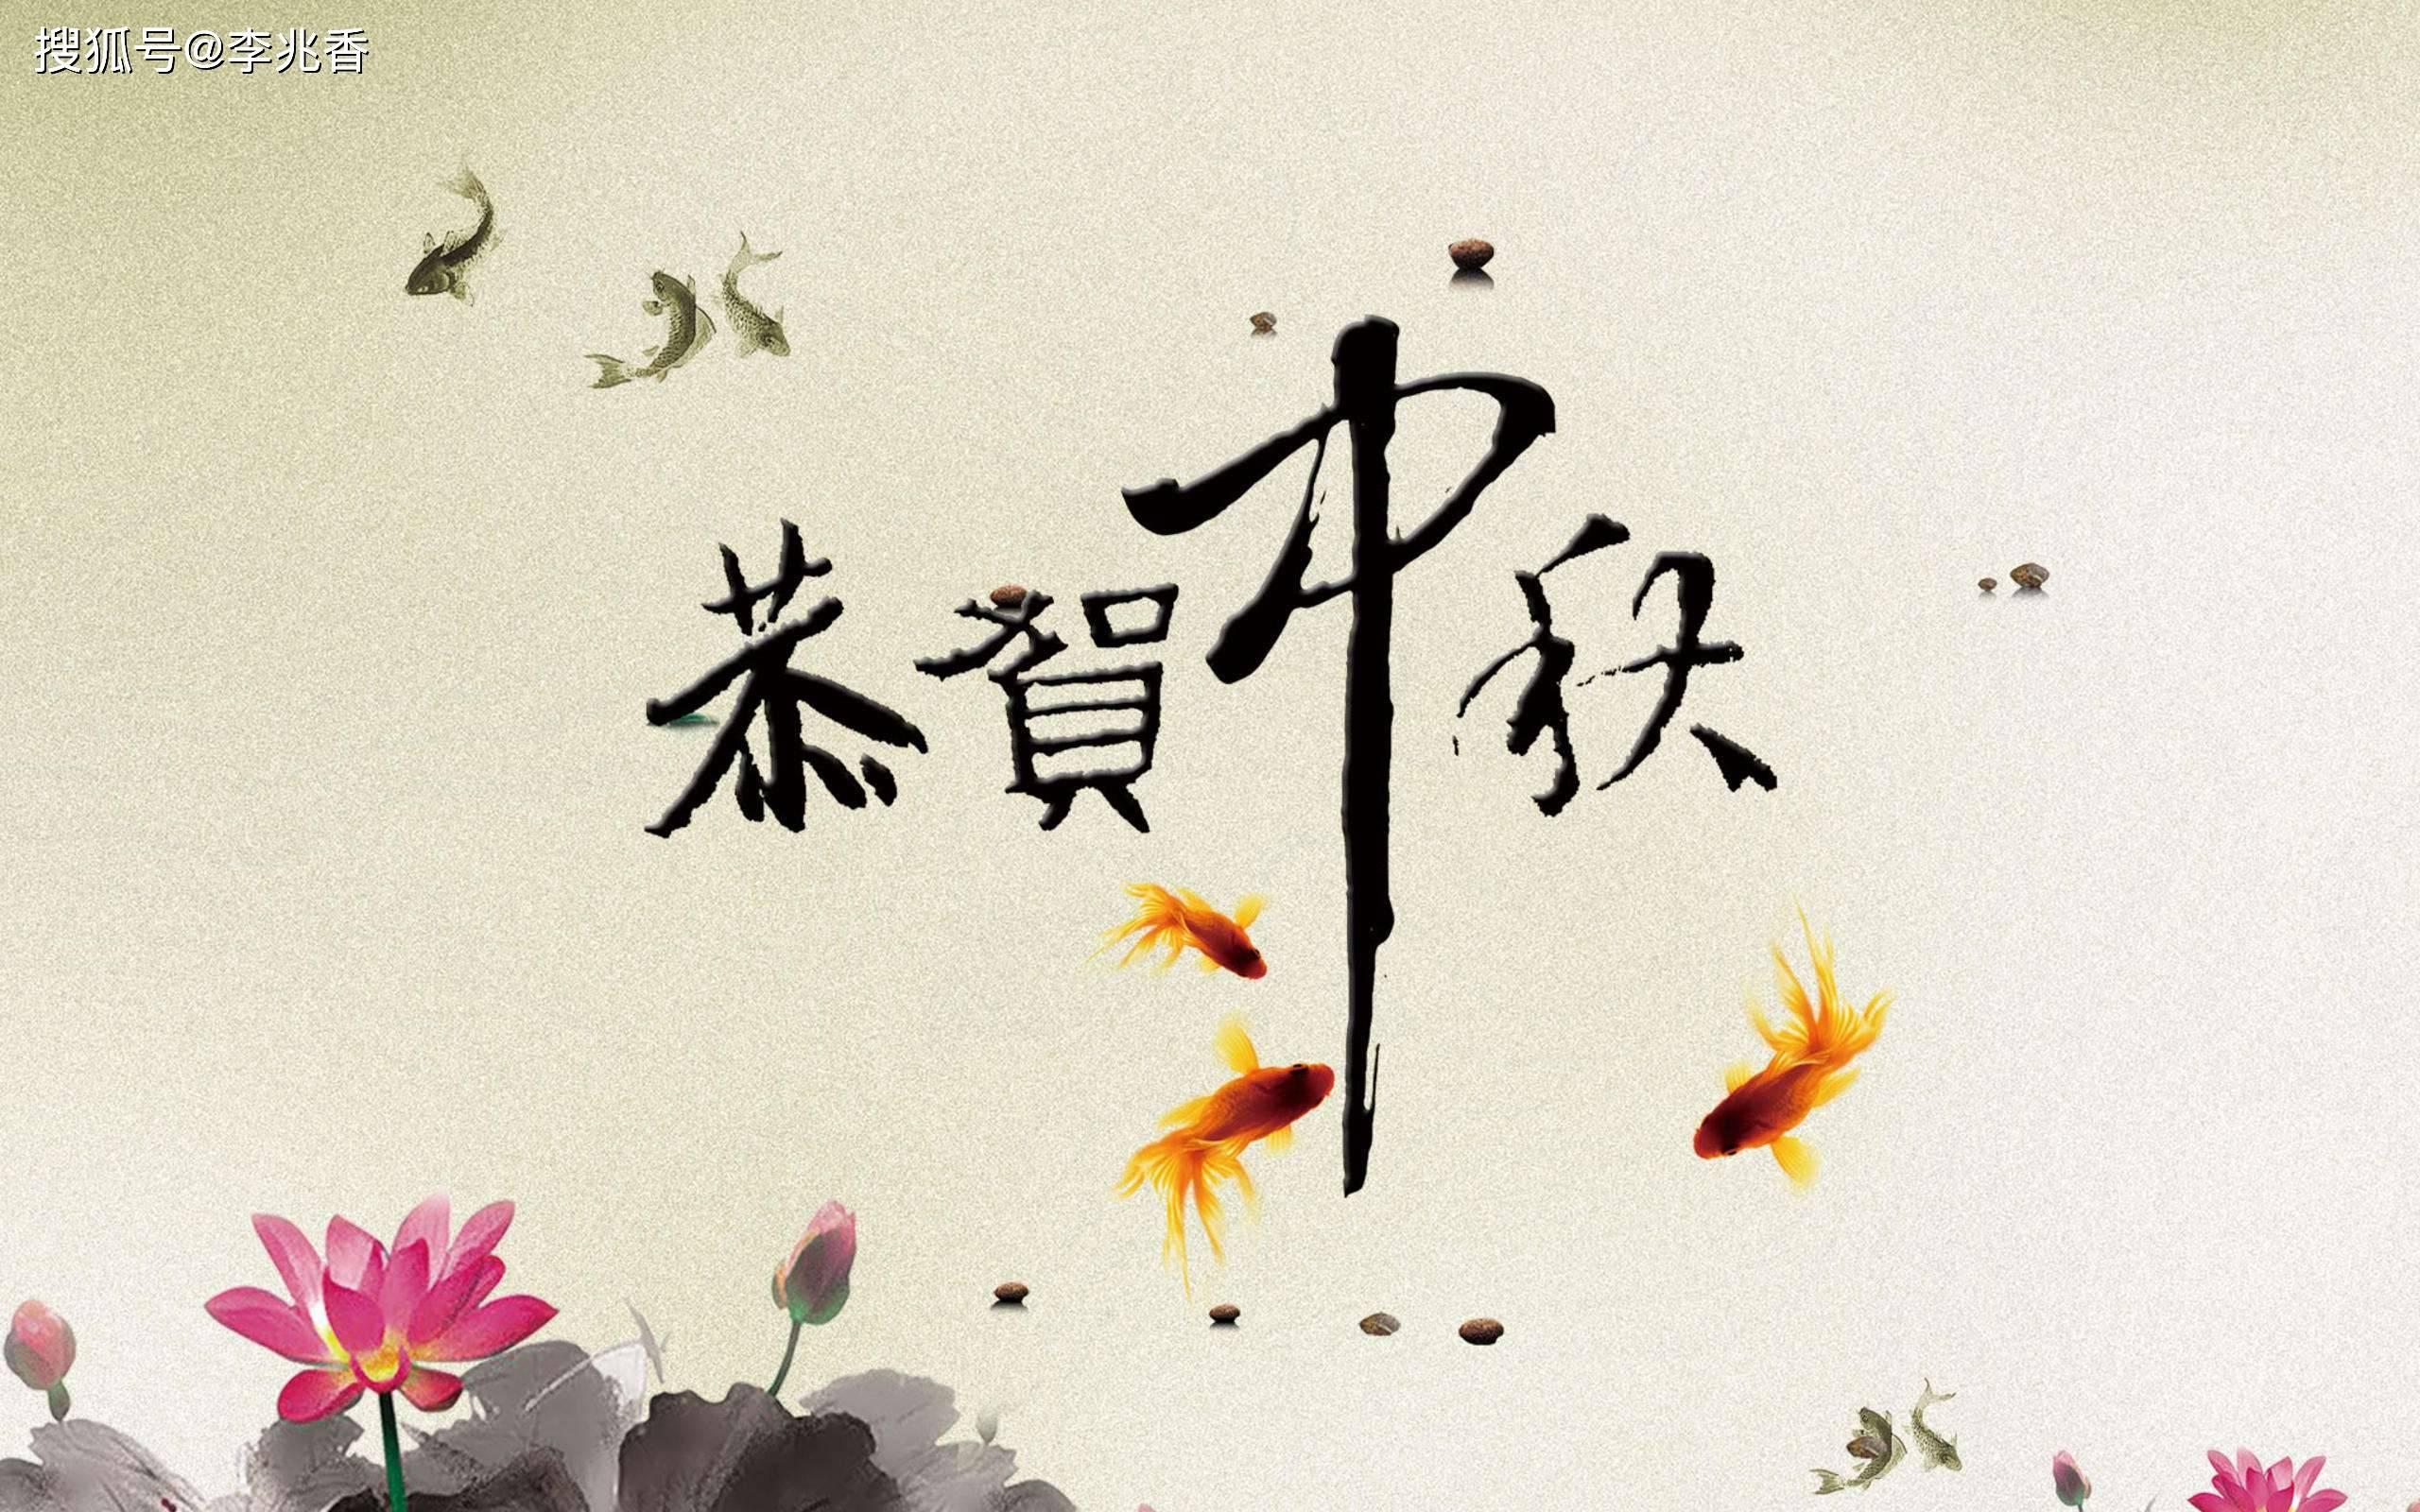 中秋节快乐图片祝福语